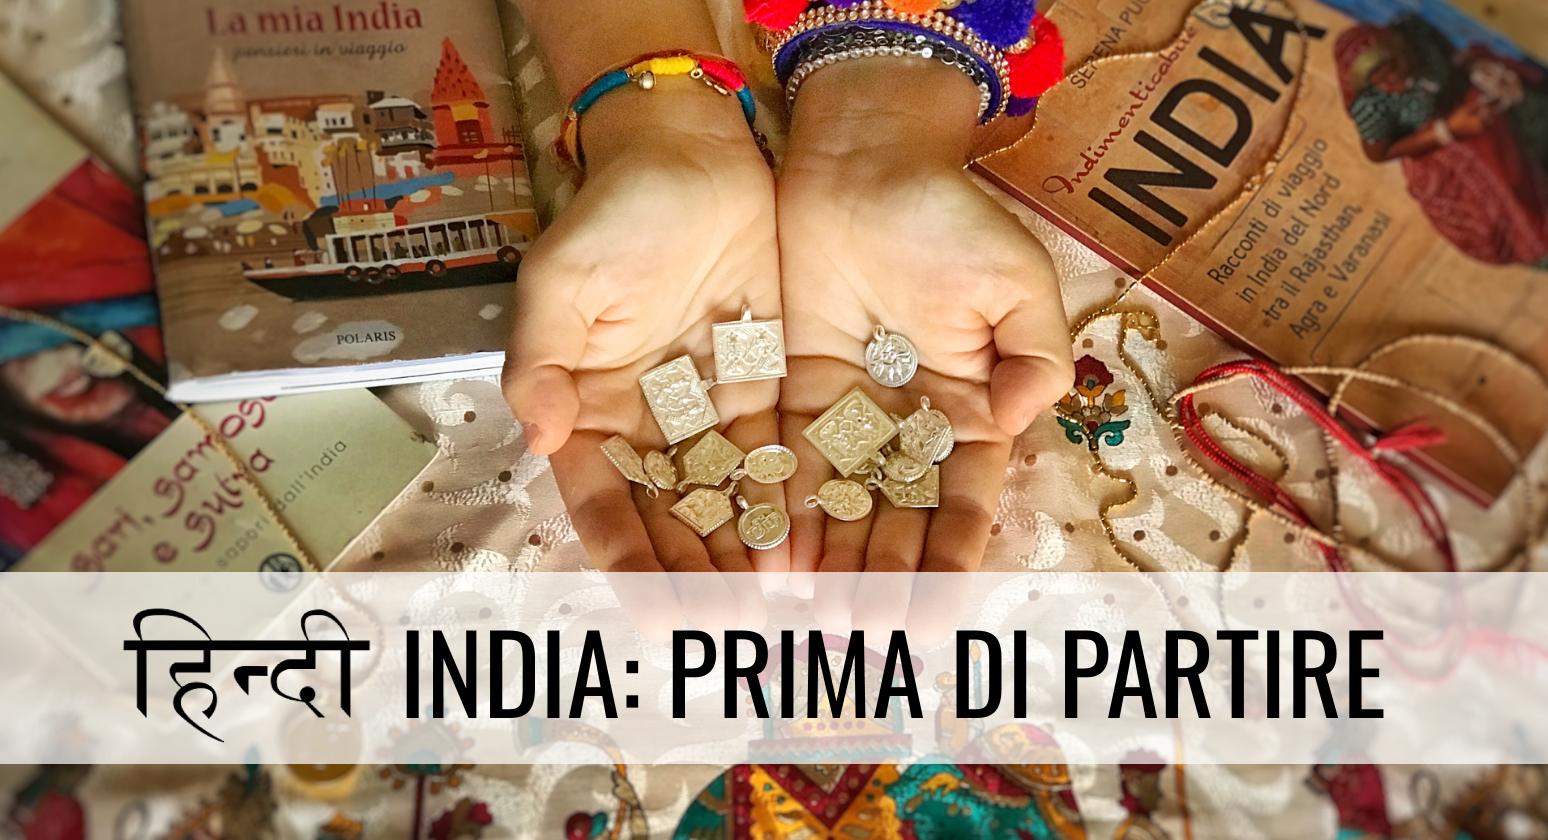 India: Prima di partire